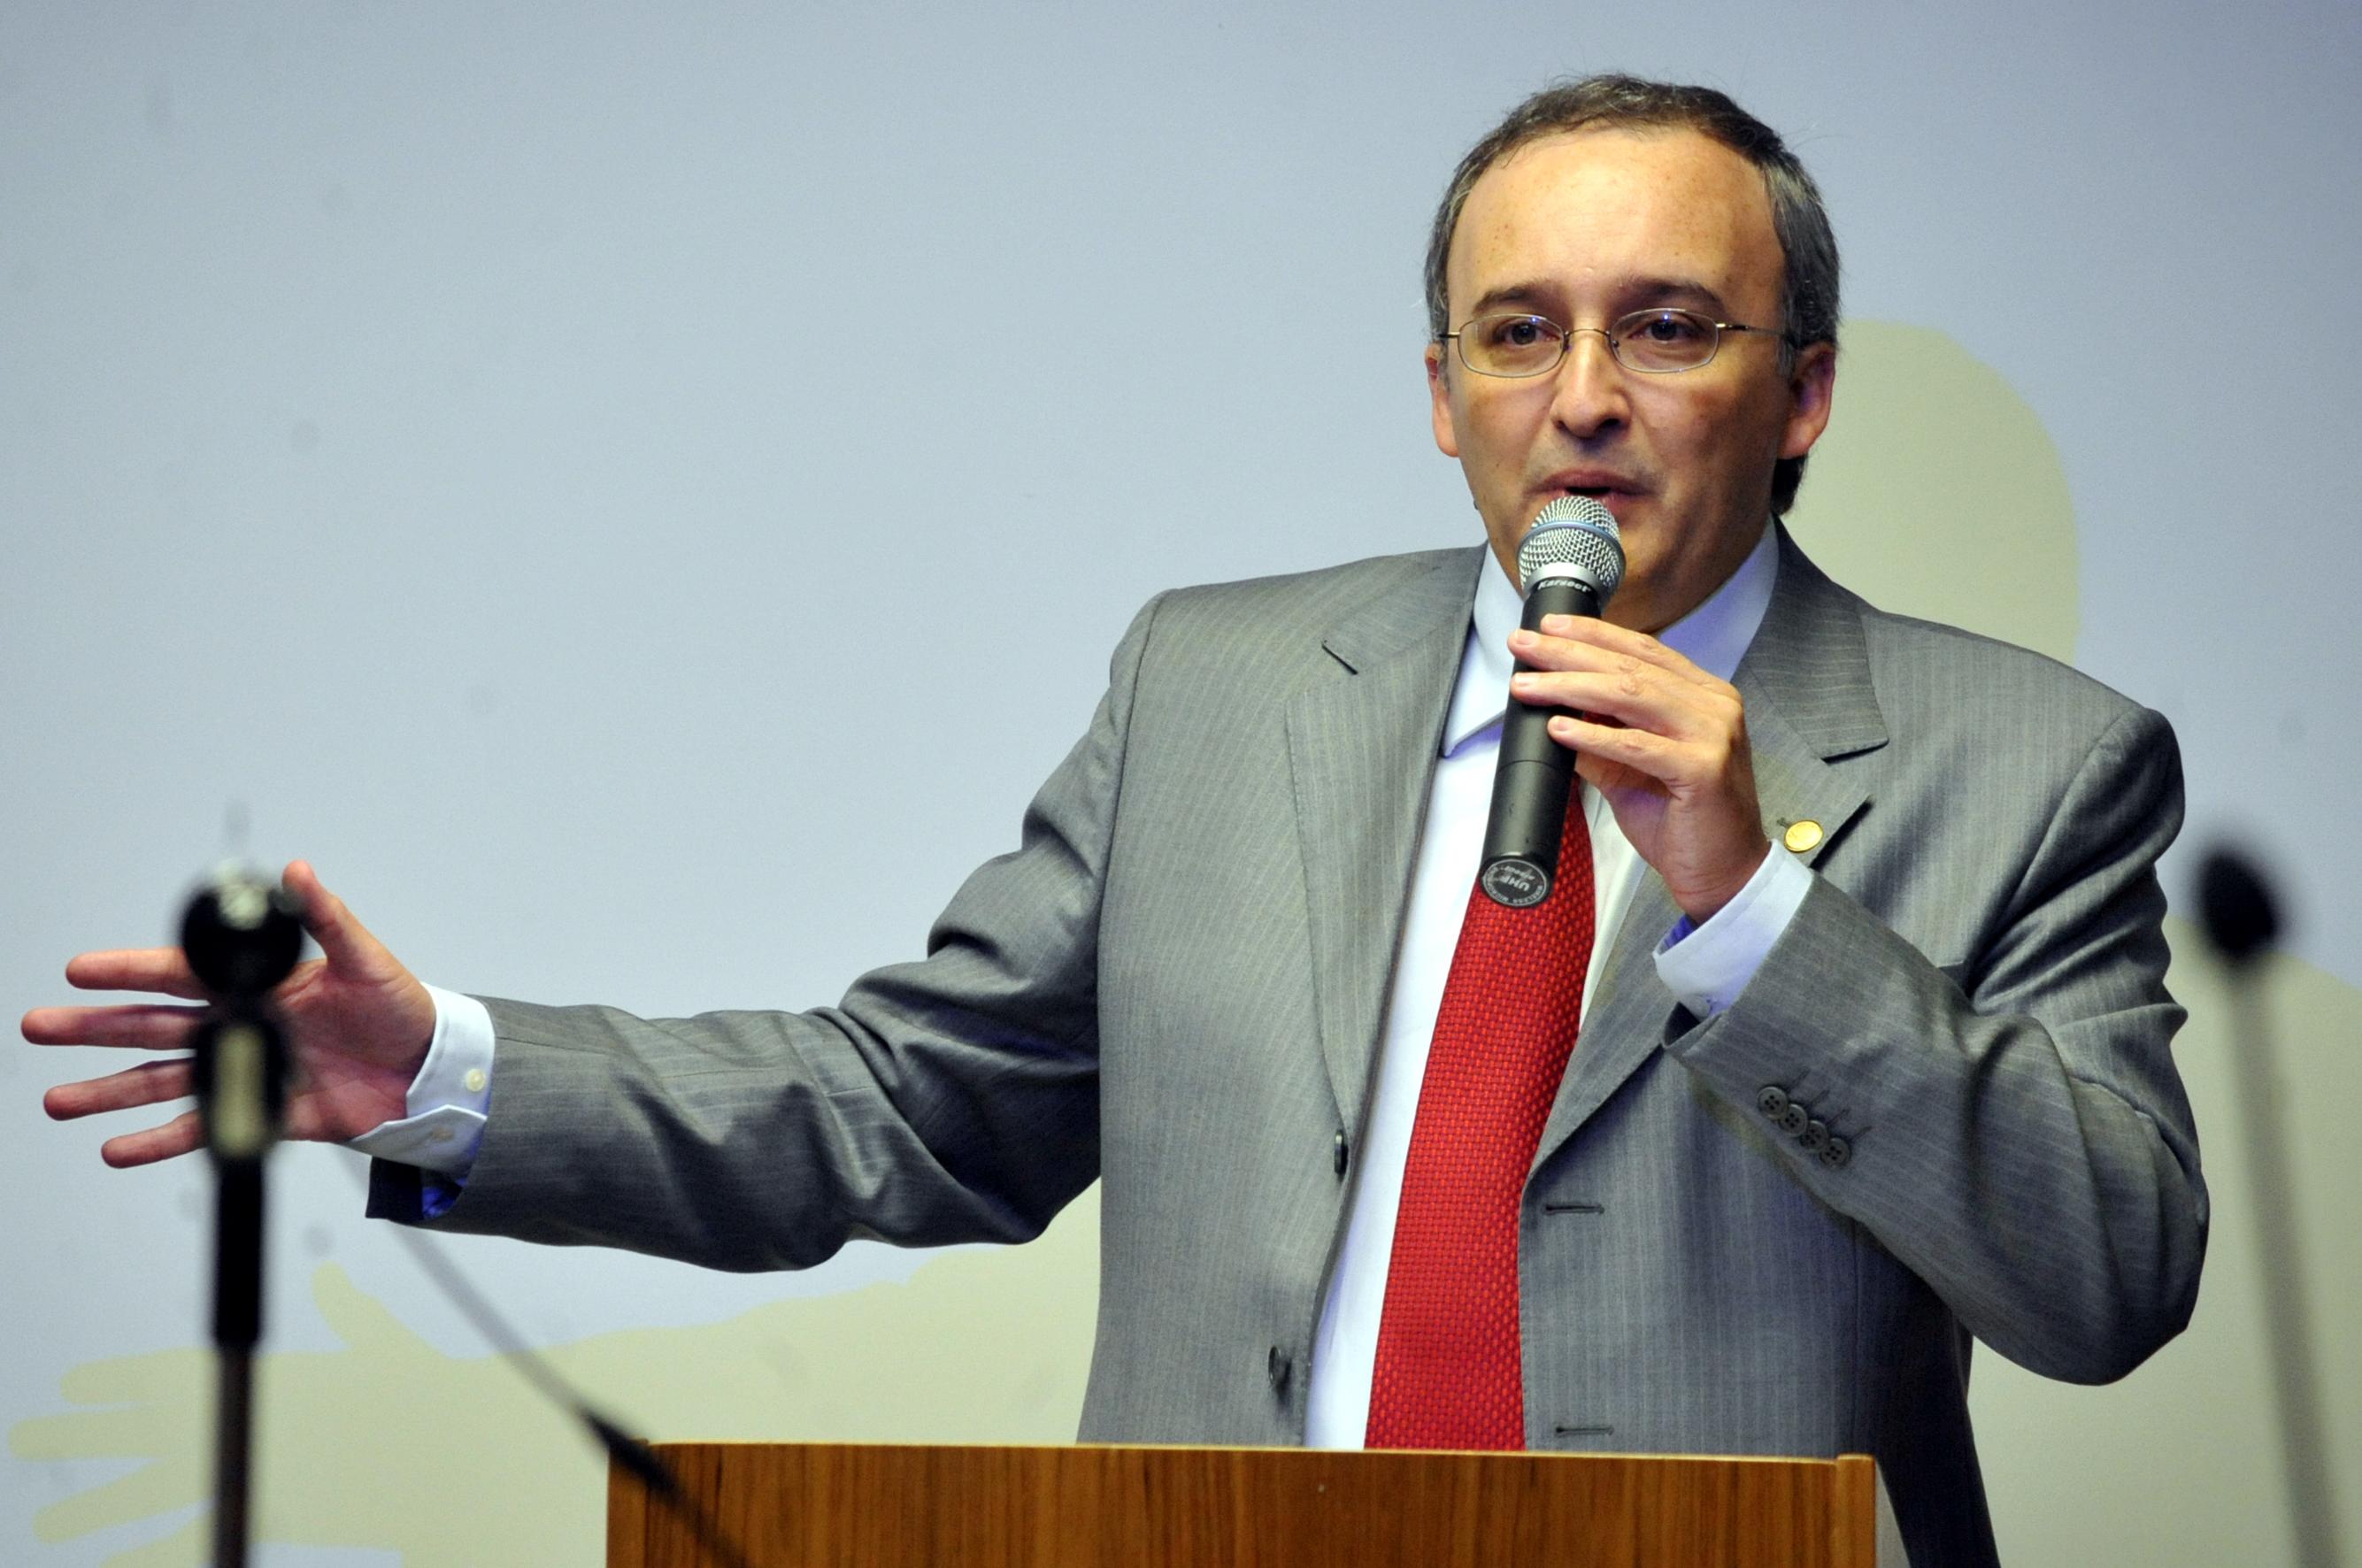 Rodrigo Assumpção faz palestra no Fórum. Foto: Elza Fiúza/Abr